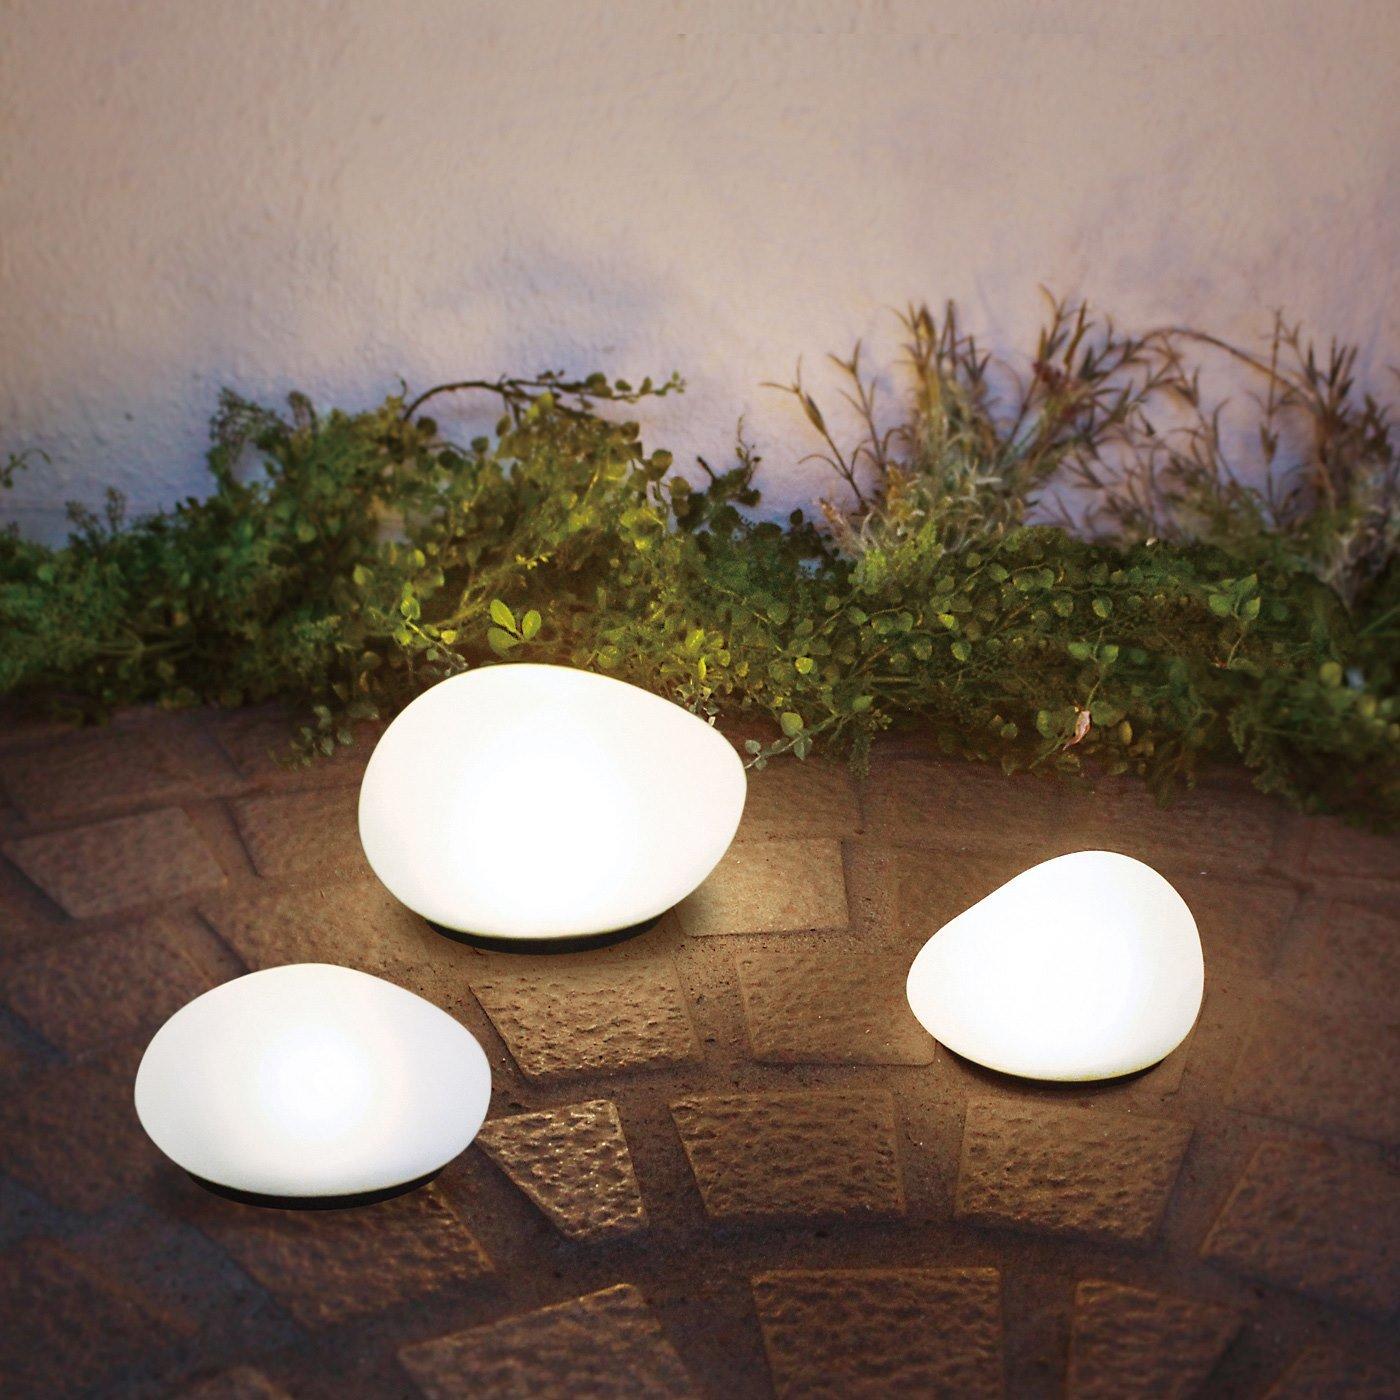 自然に溶け込み やさしく足もとを照らす LEDソーラーストーン〈Sサイズ〉